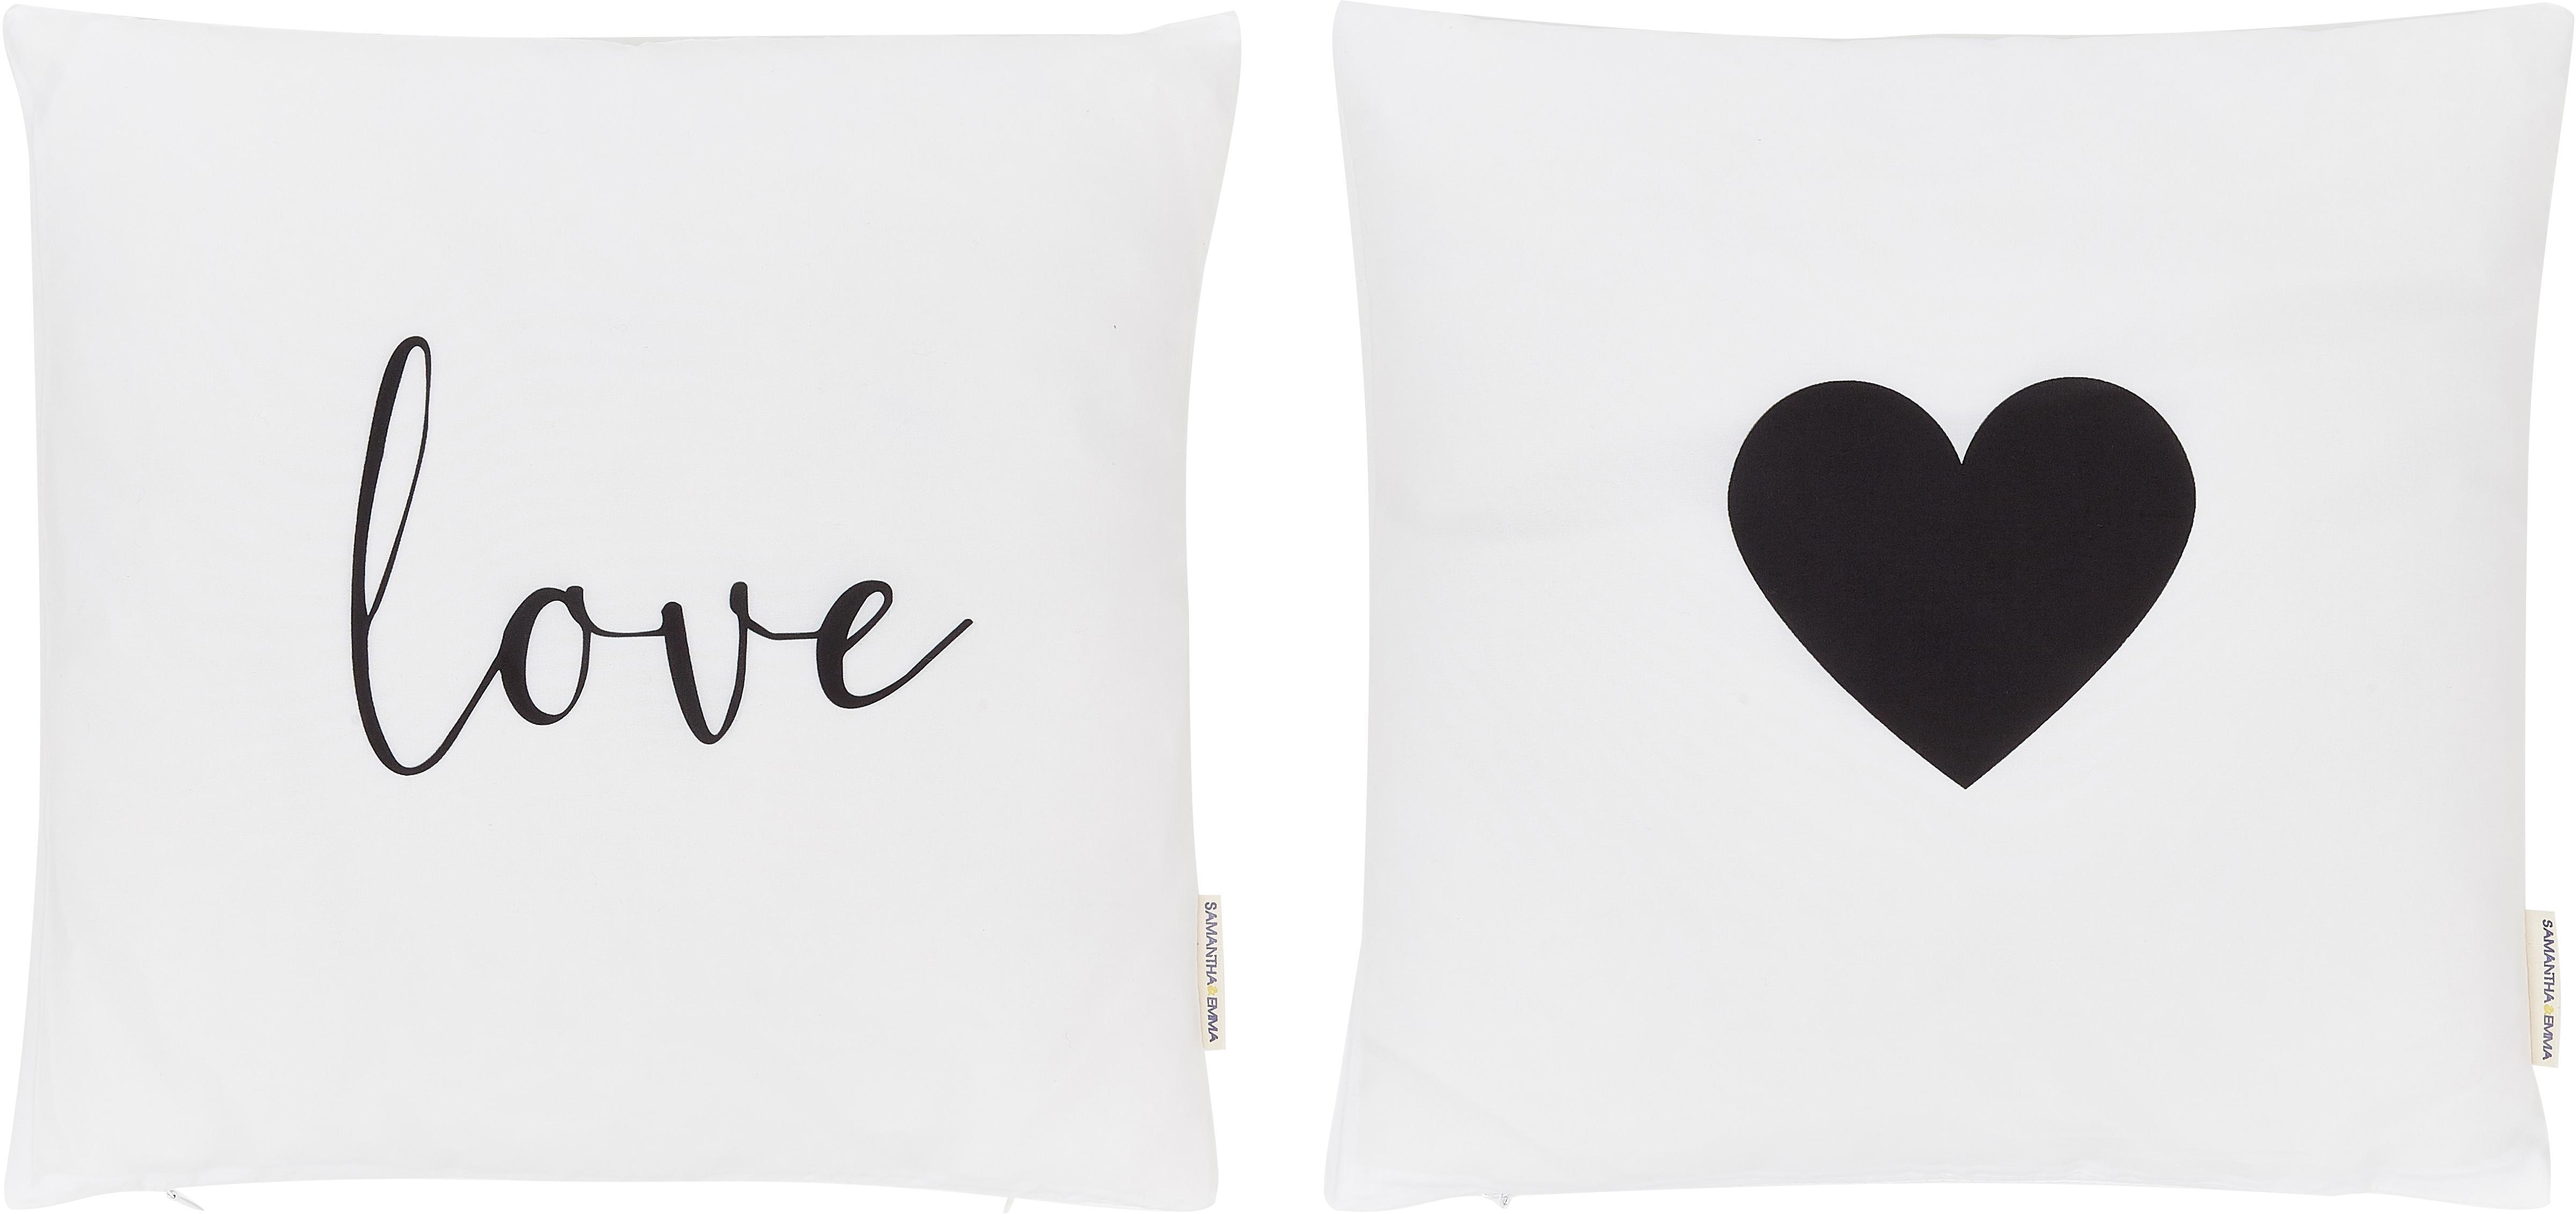 Kissenhüllen Love in Schwarz/Weiß, 2er-Set, 100% Polyester, Schwarz, Weiß, 40 x 40 cm